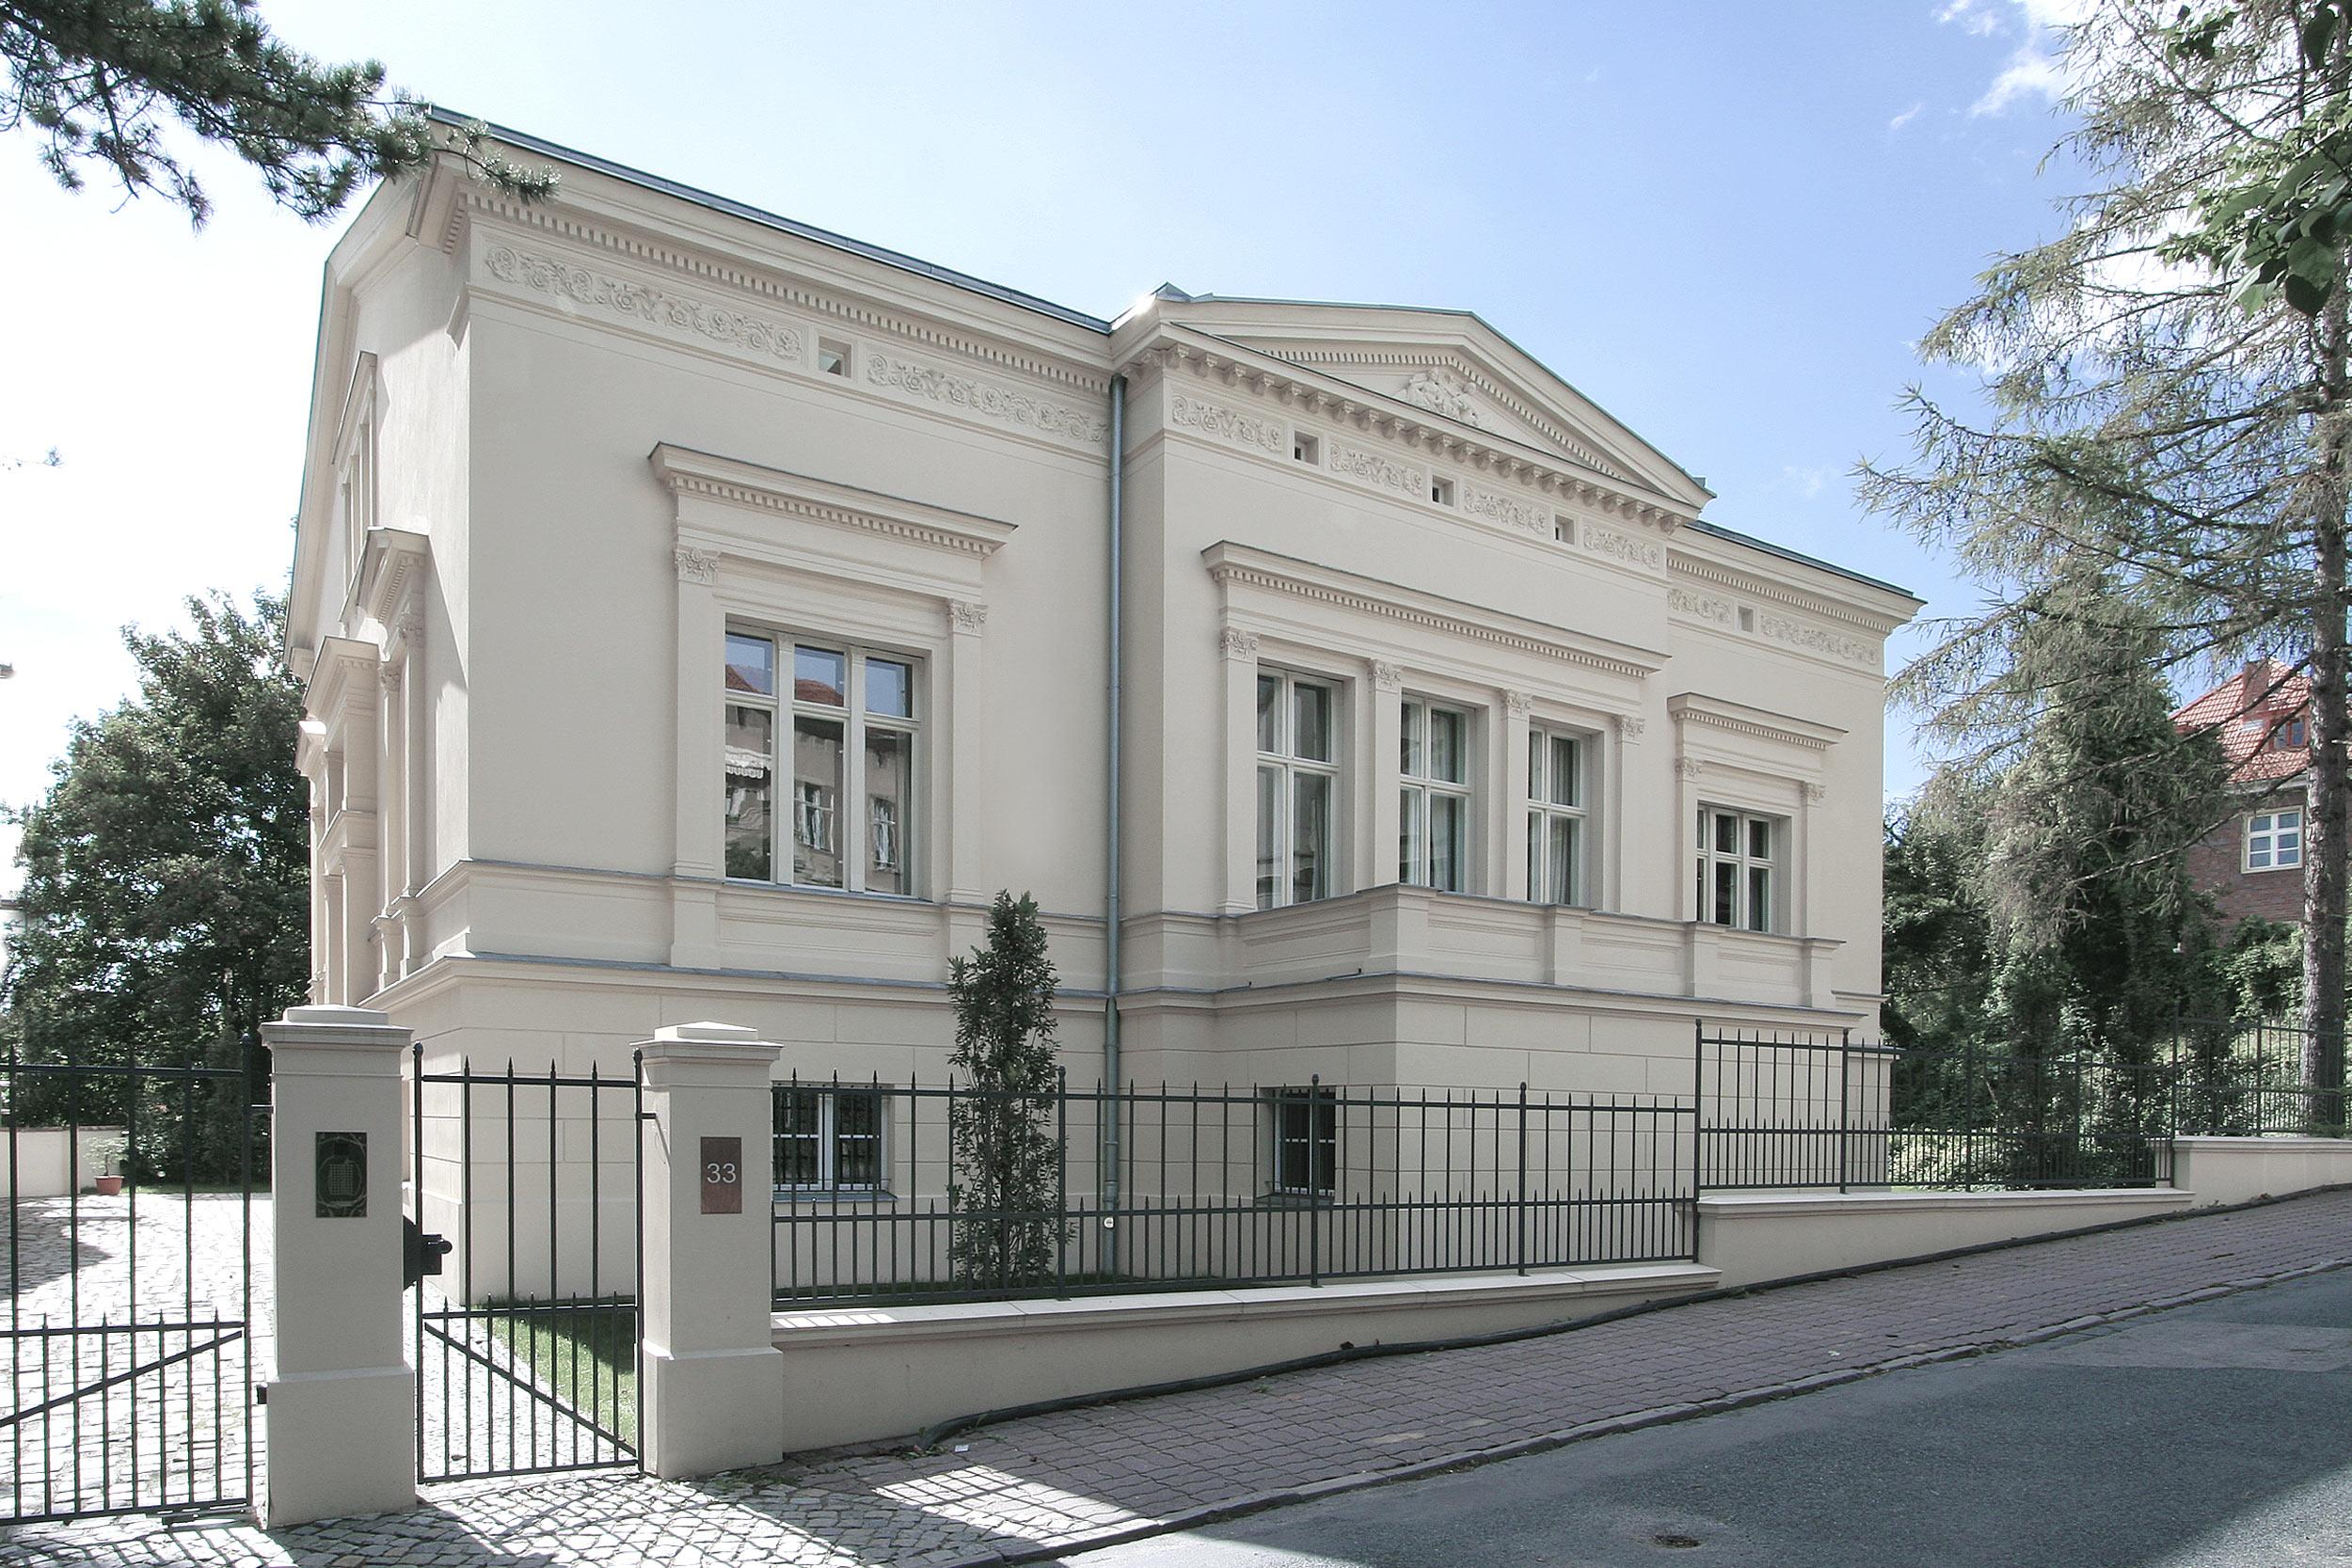 In prominenter Lage in Potsdam stellte sich die Aufgabe des Redesigns einer spätklassizistischen Villa.